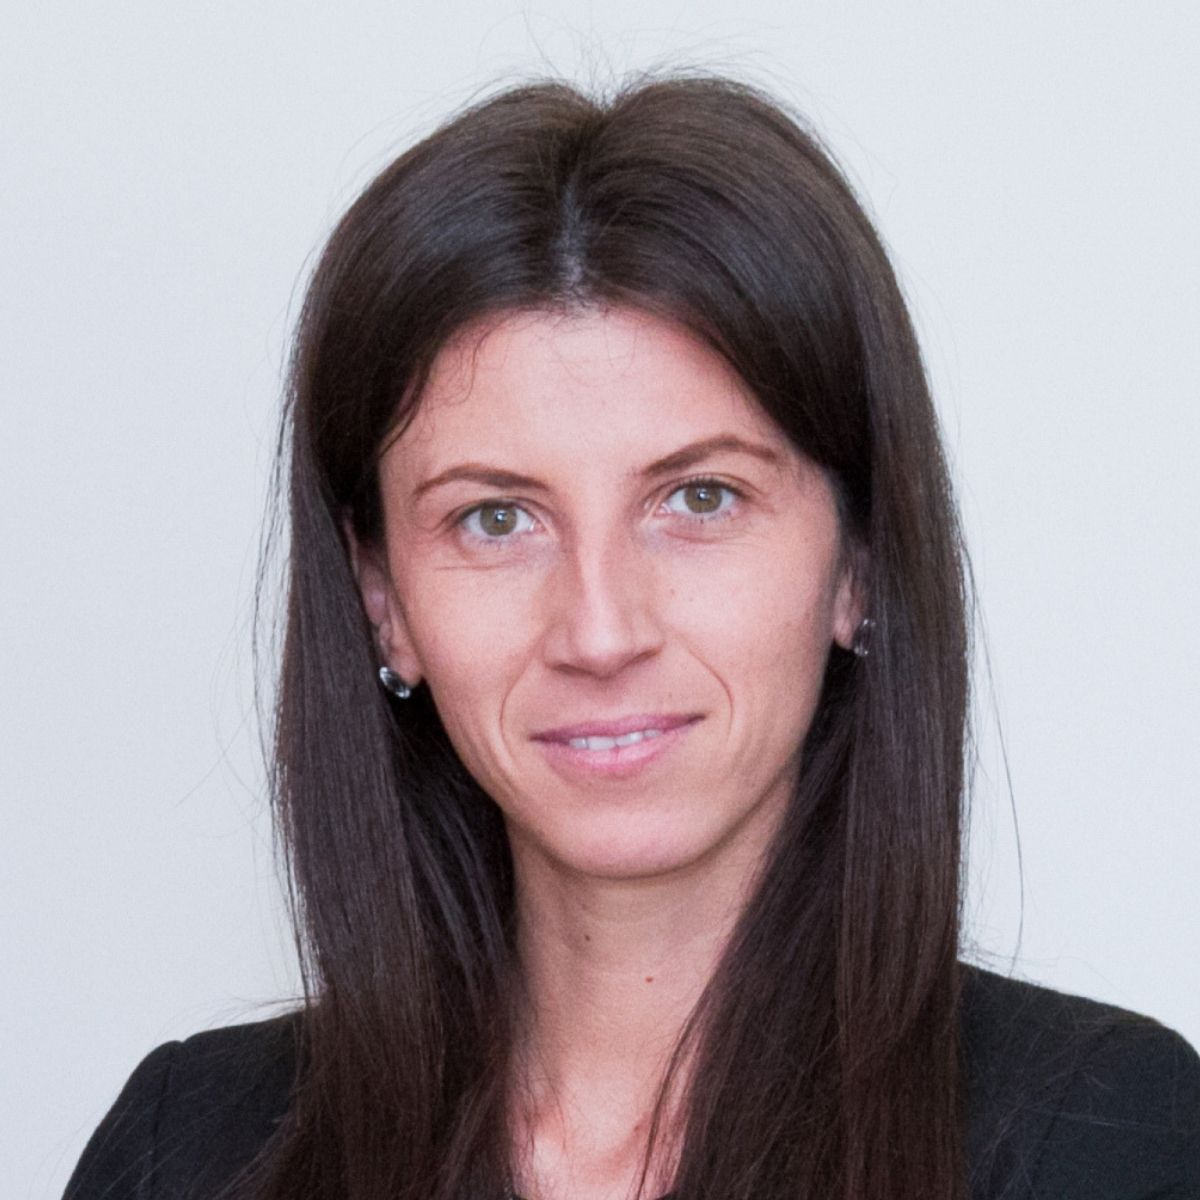 Stefka Ancheva